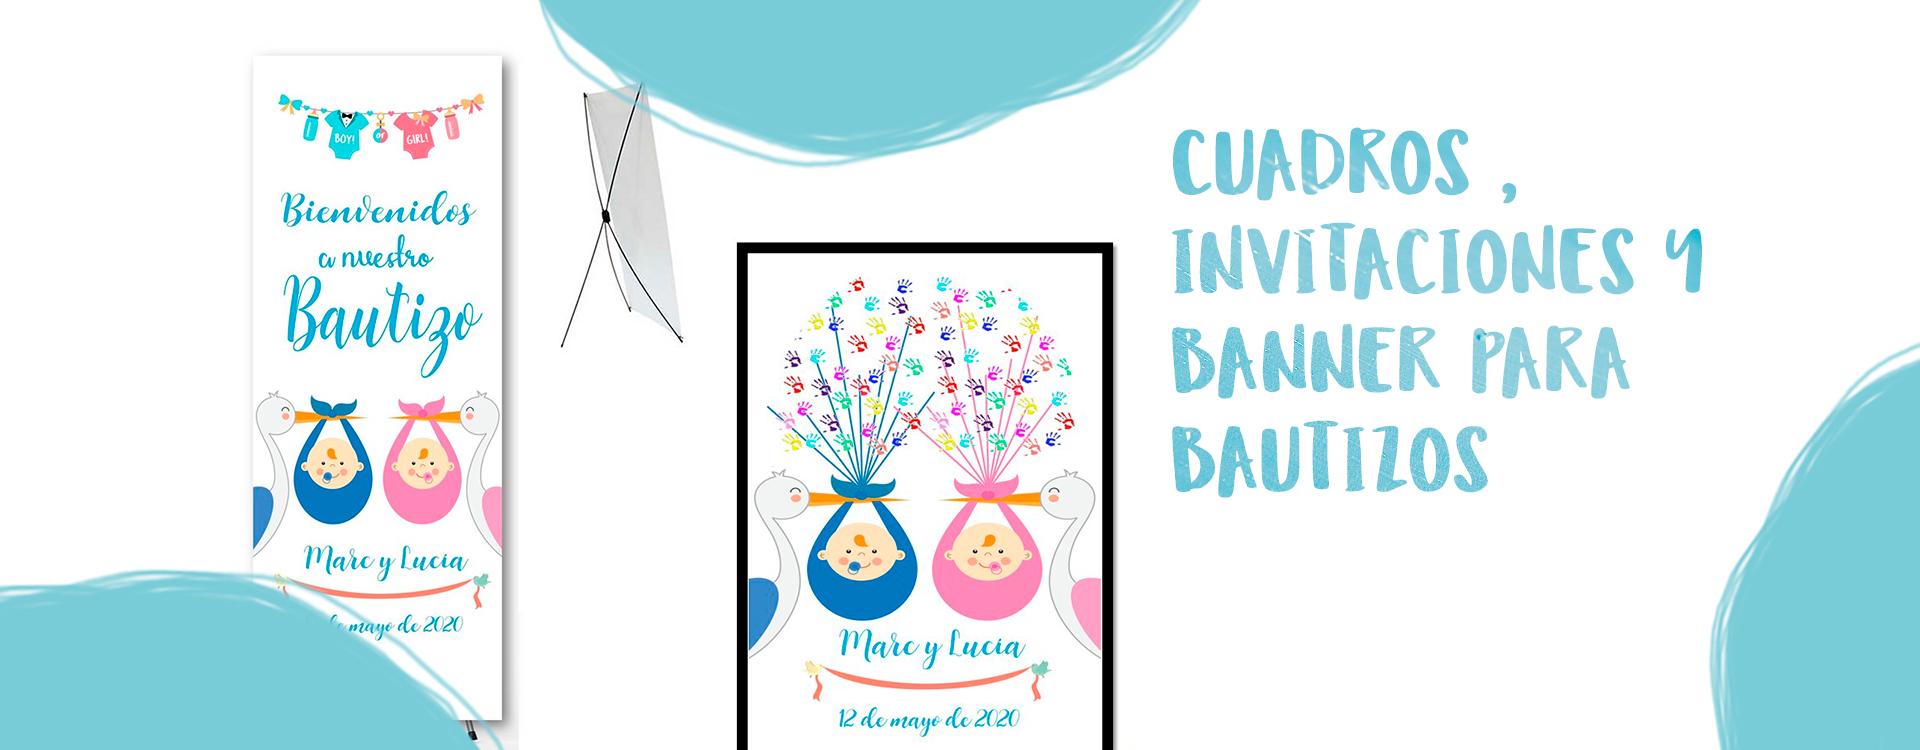 CUADROS, INVITACIONES Y BANNER PARA BODAS